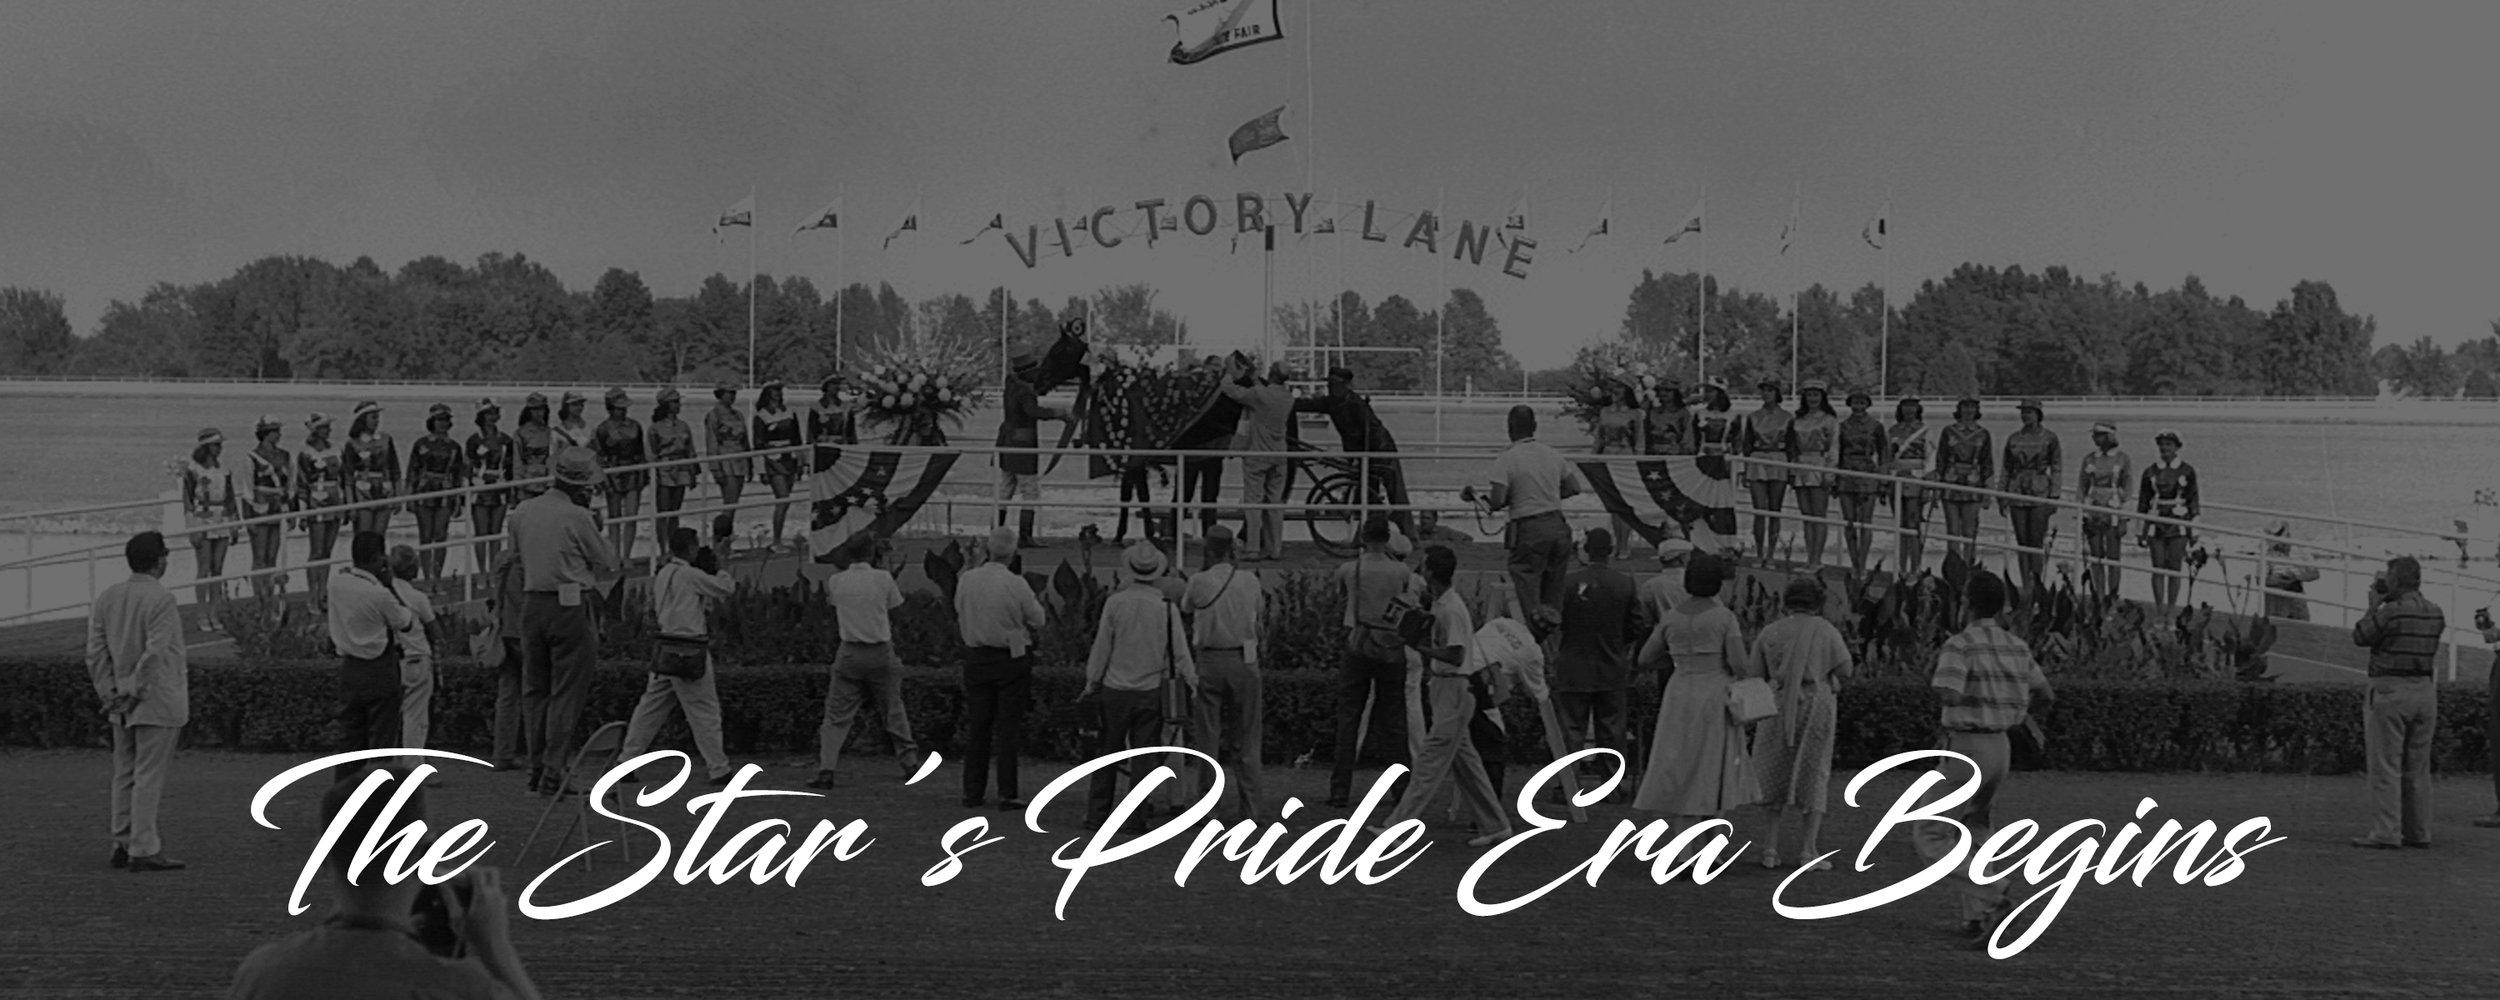 history banner 1958.jpg